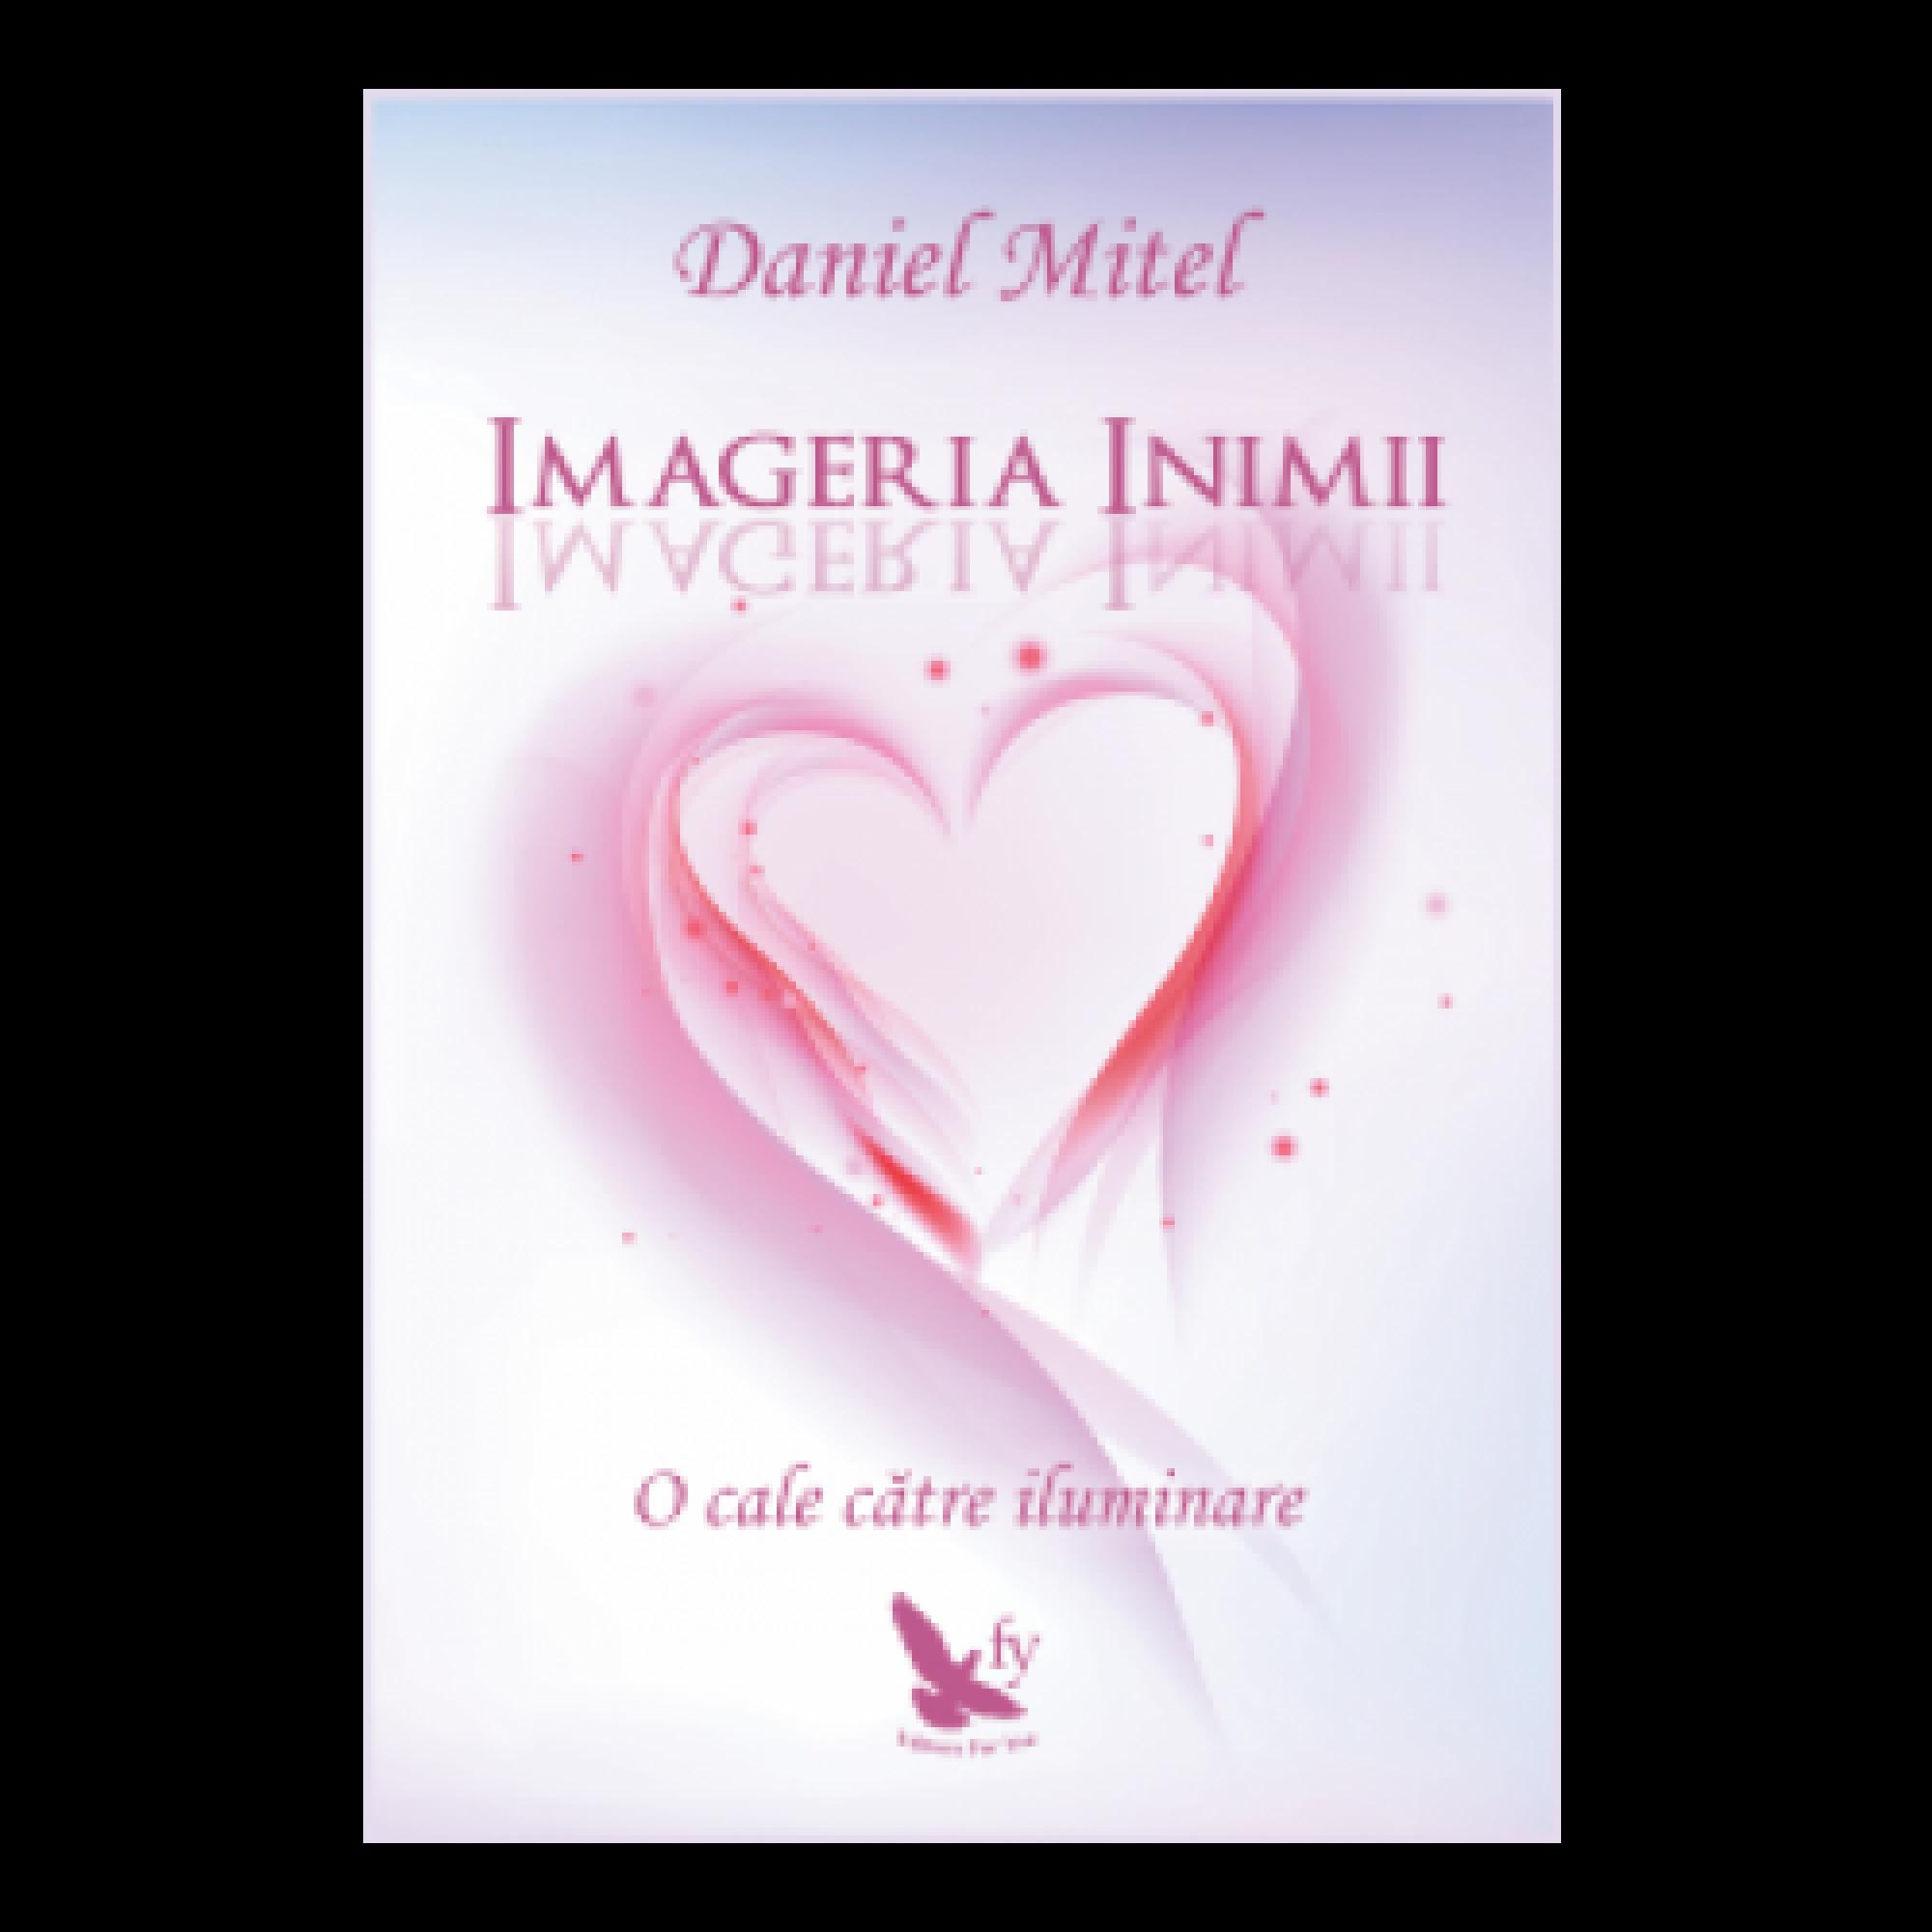 Imageria inimii; Daniel Mitel